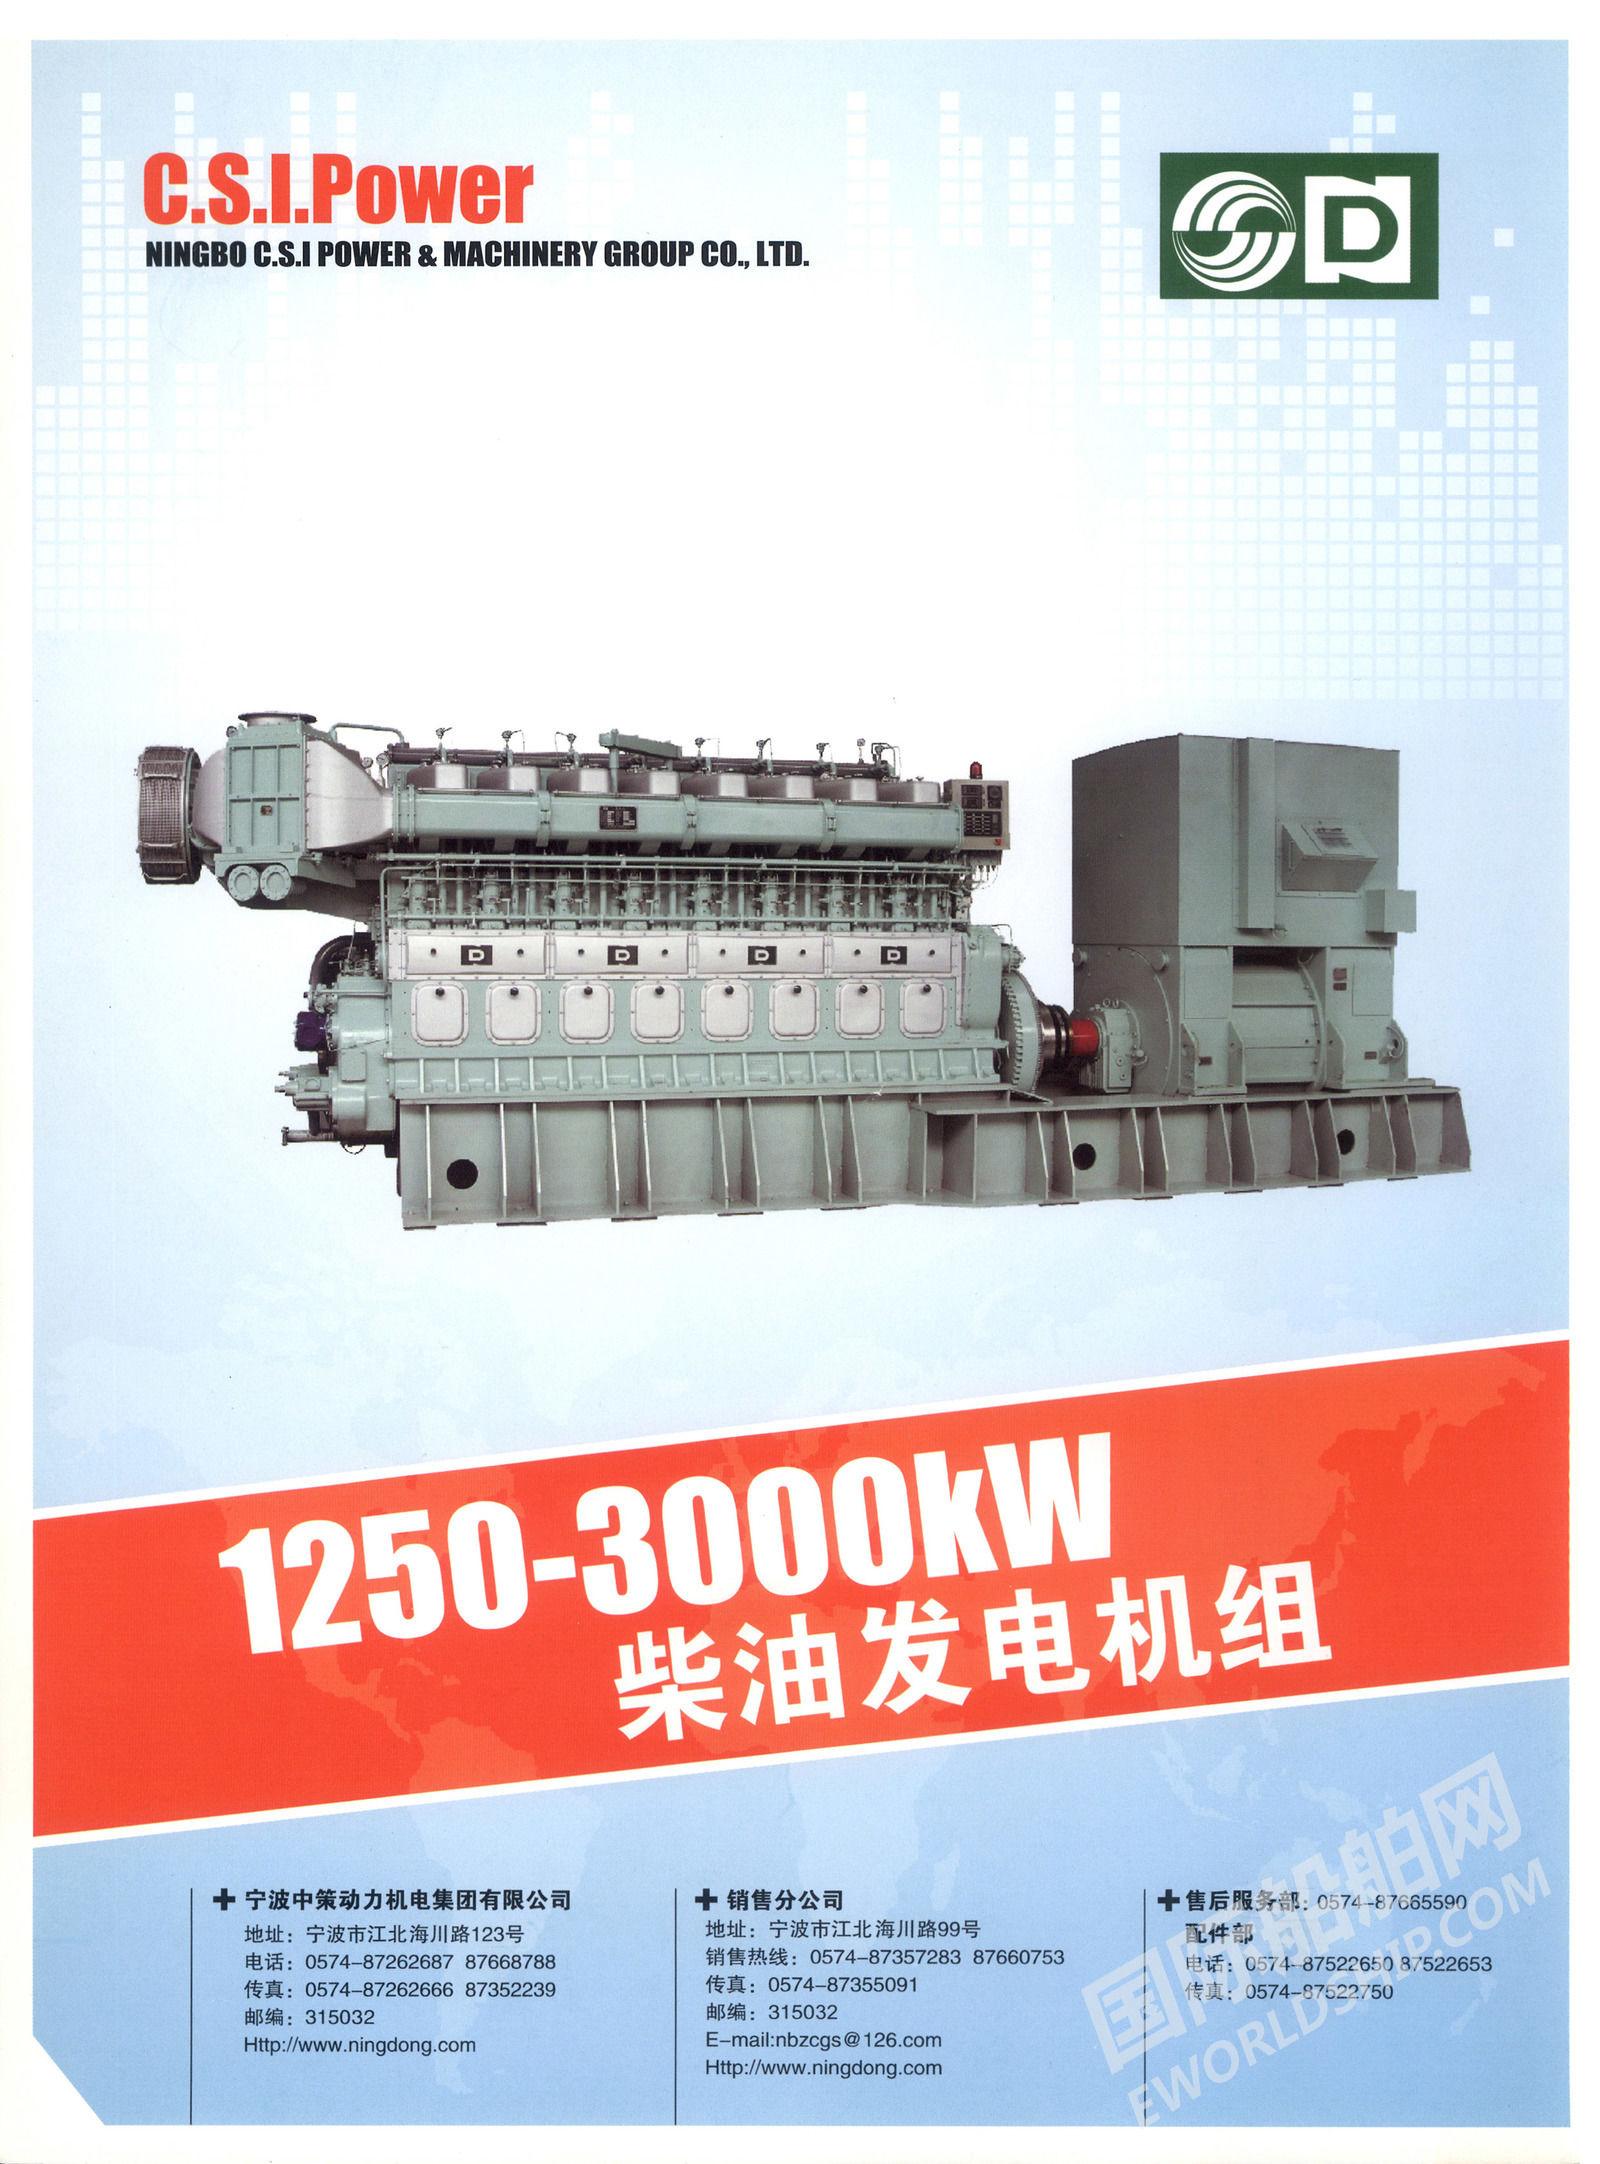 宁波中策动力机电集团有限公司 1250-3000kw柴油发电机组